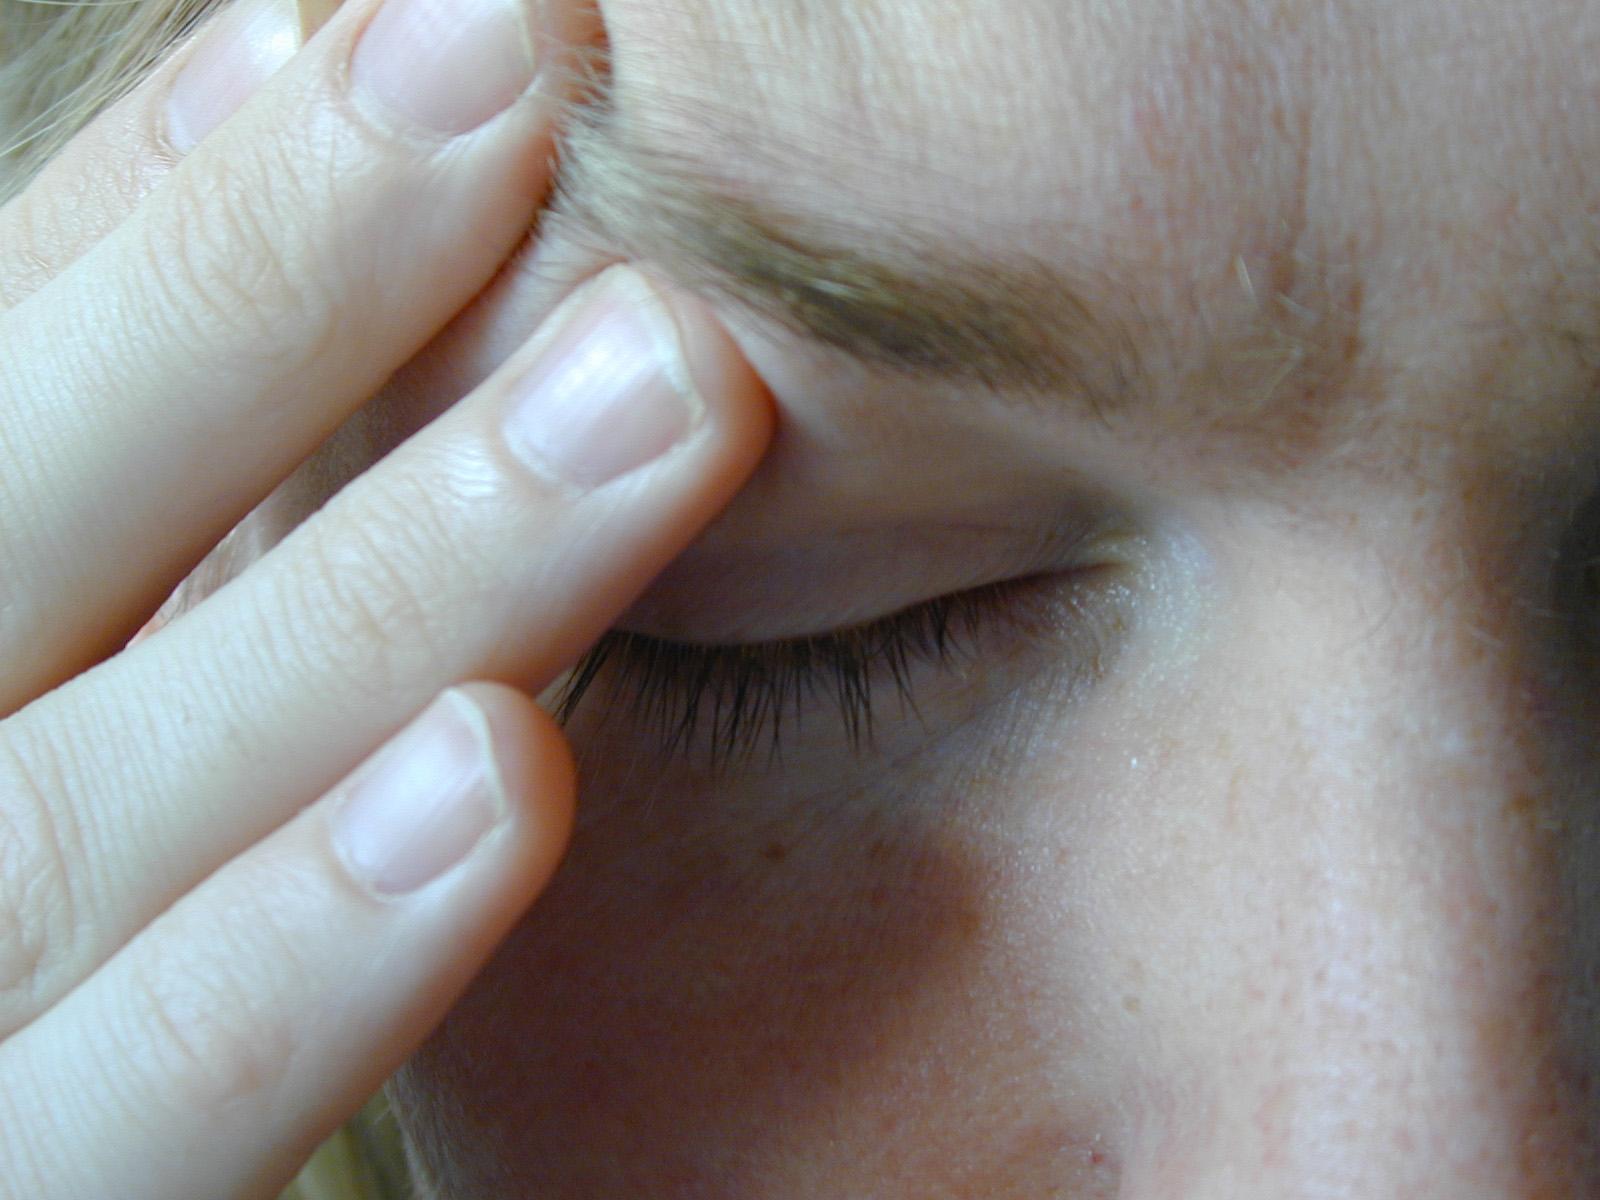 これは頭痛?右側が一瞬だけ痛むことで考えられる原因は?